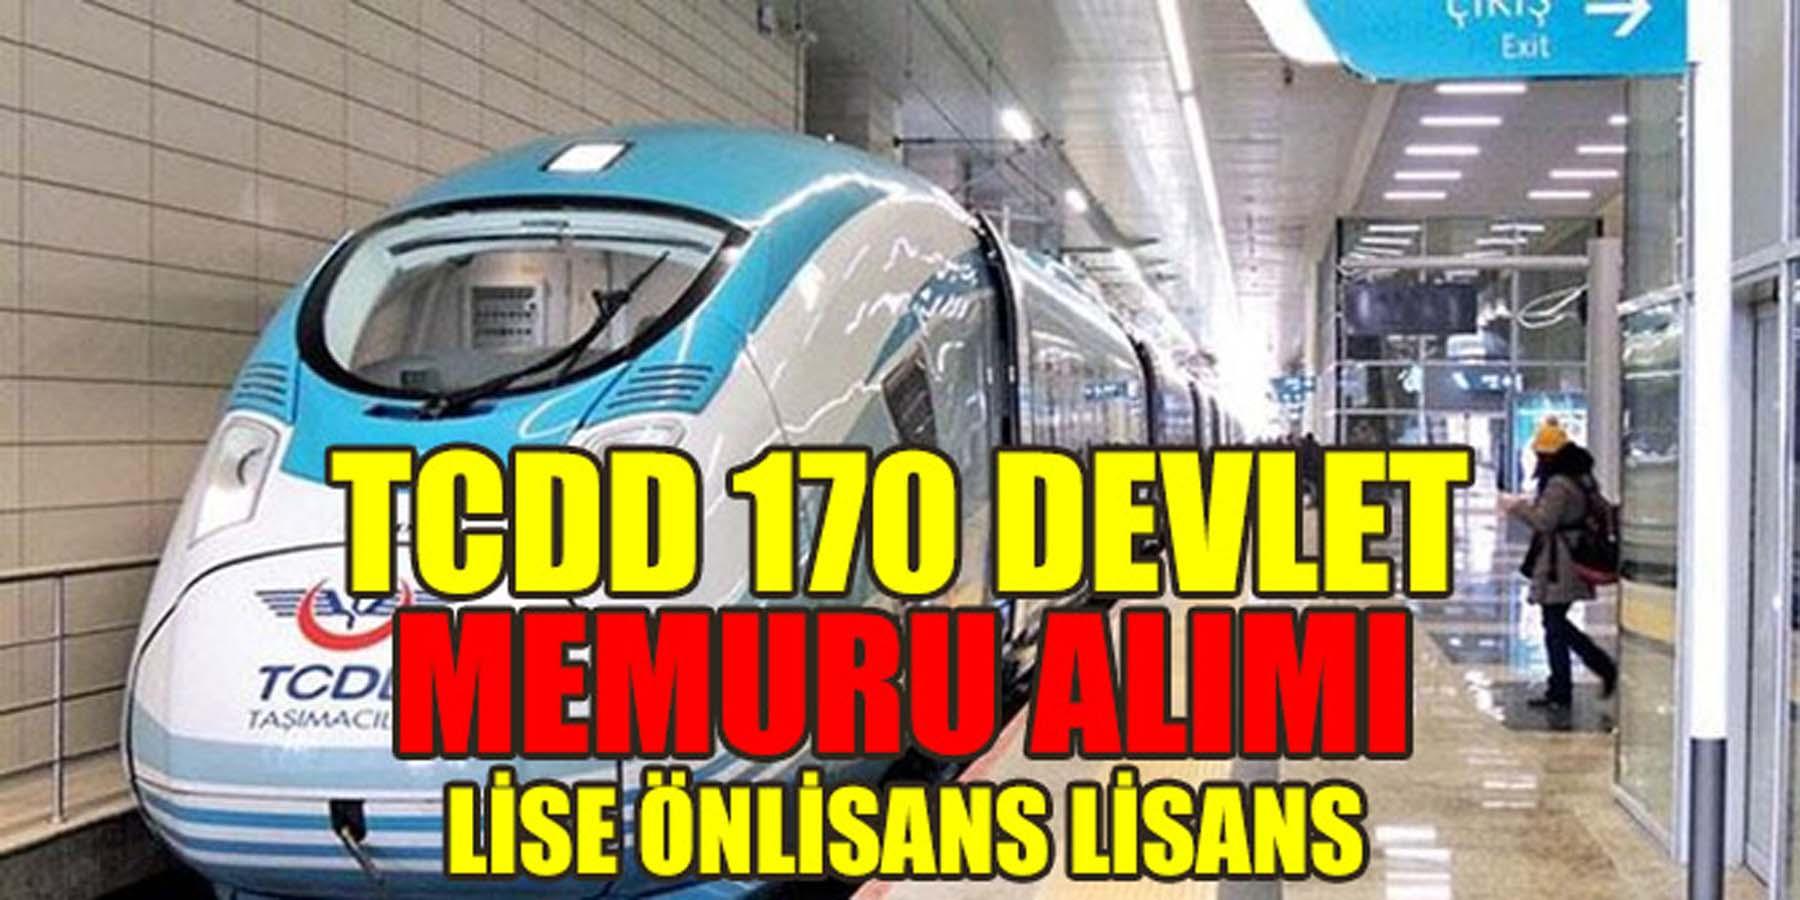 TCDD Taşımacılık 170 Devlet Memur Alımı